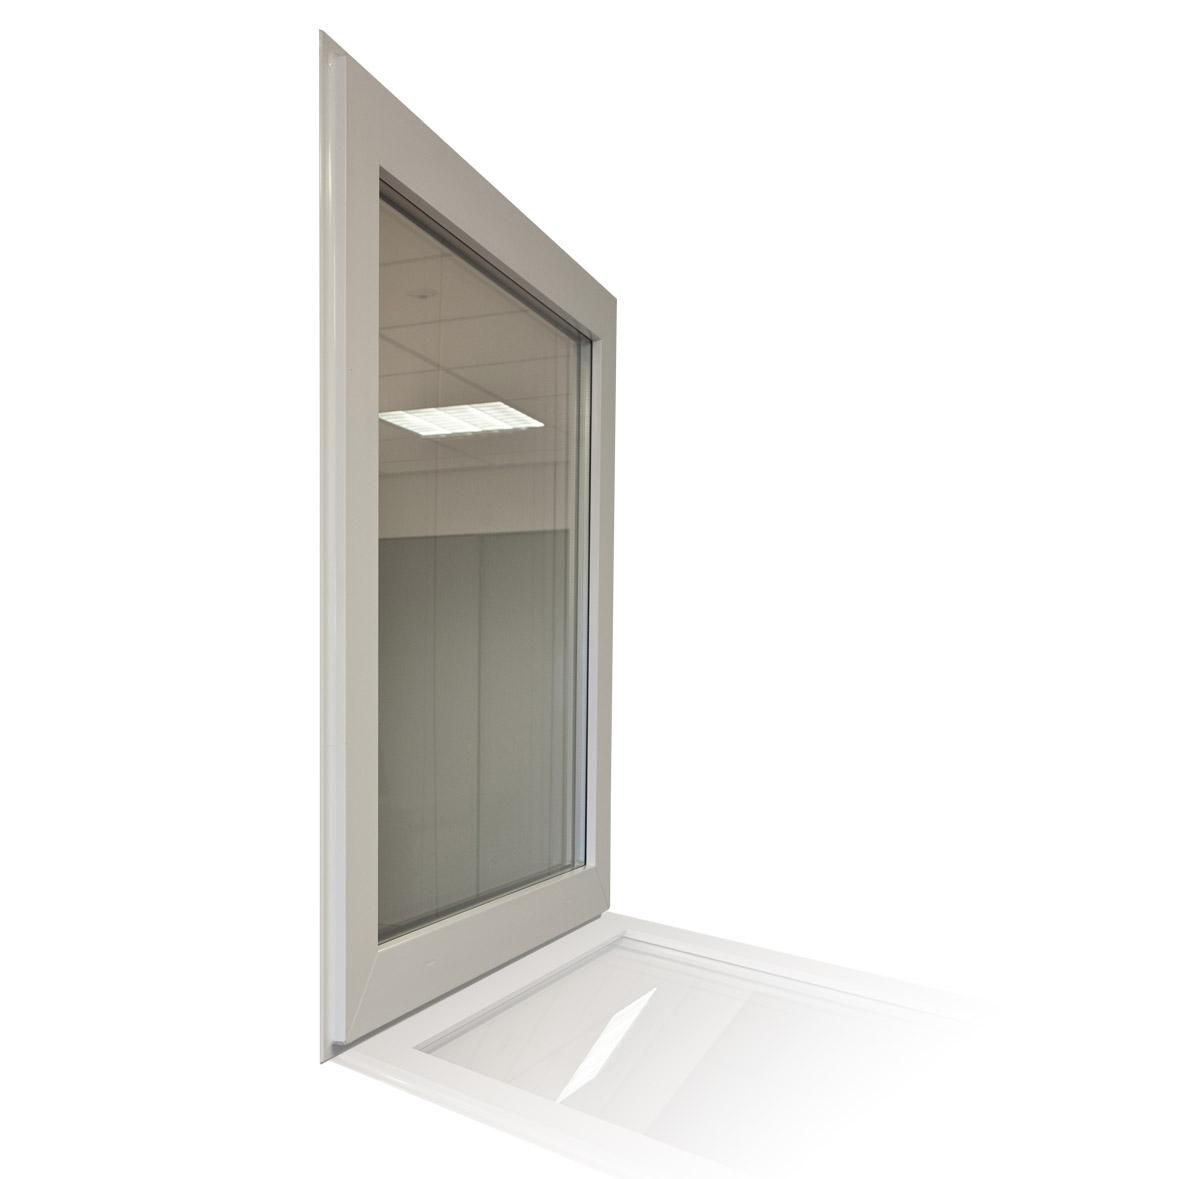 Cleanpanel kunststof ramen